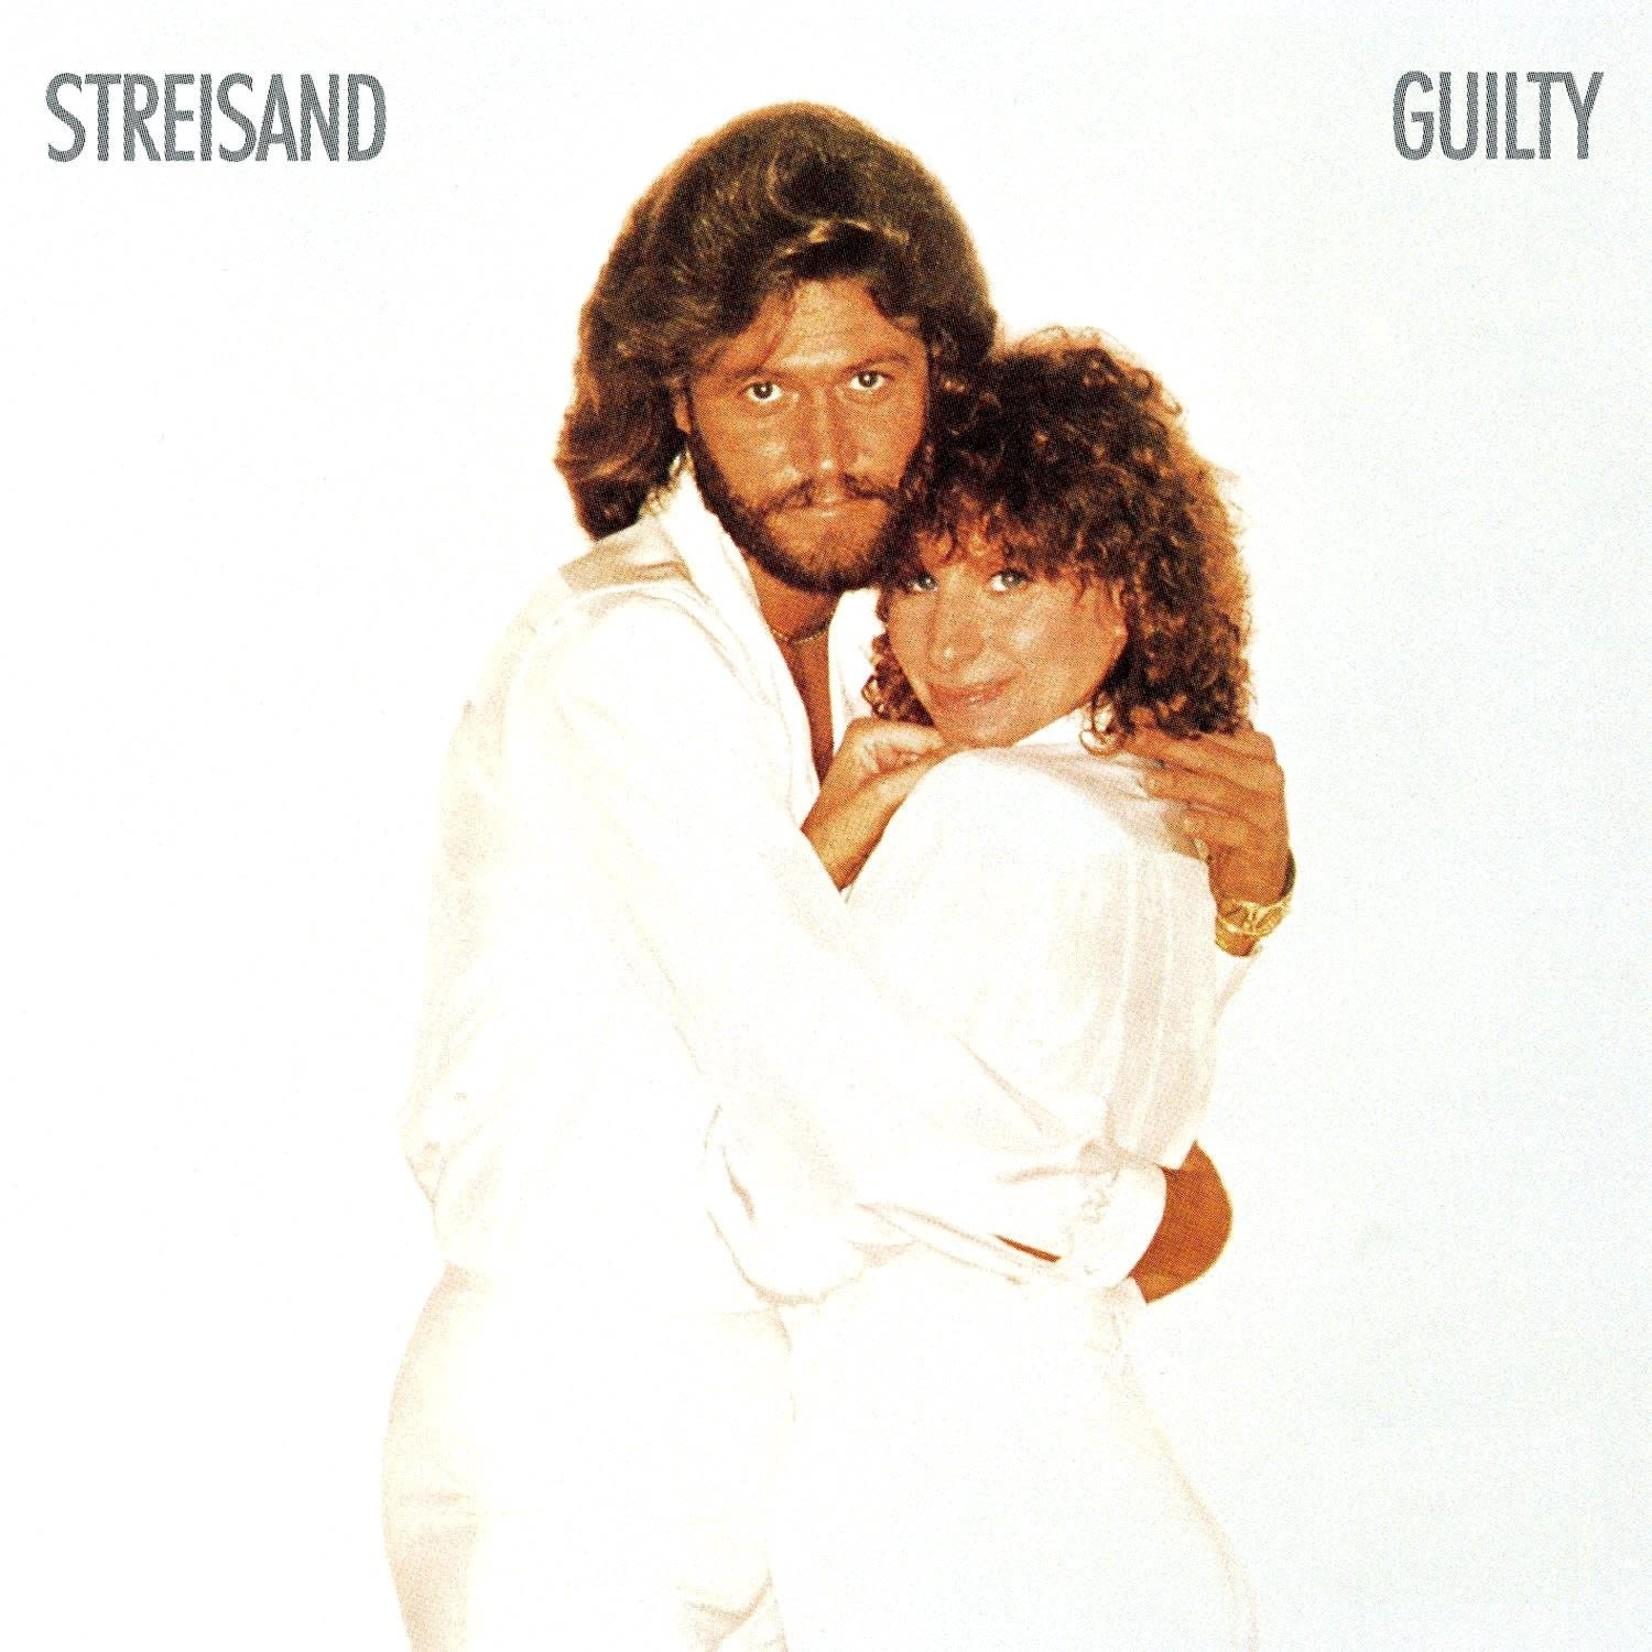 [Vintage] Streisand, Barbra: Guilty